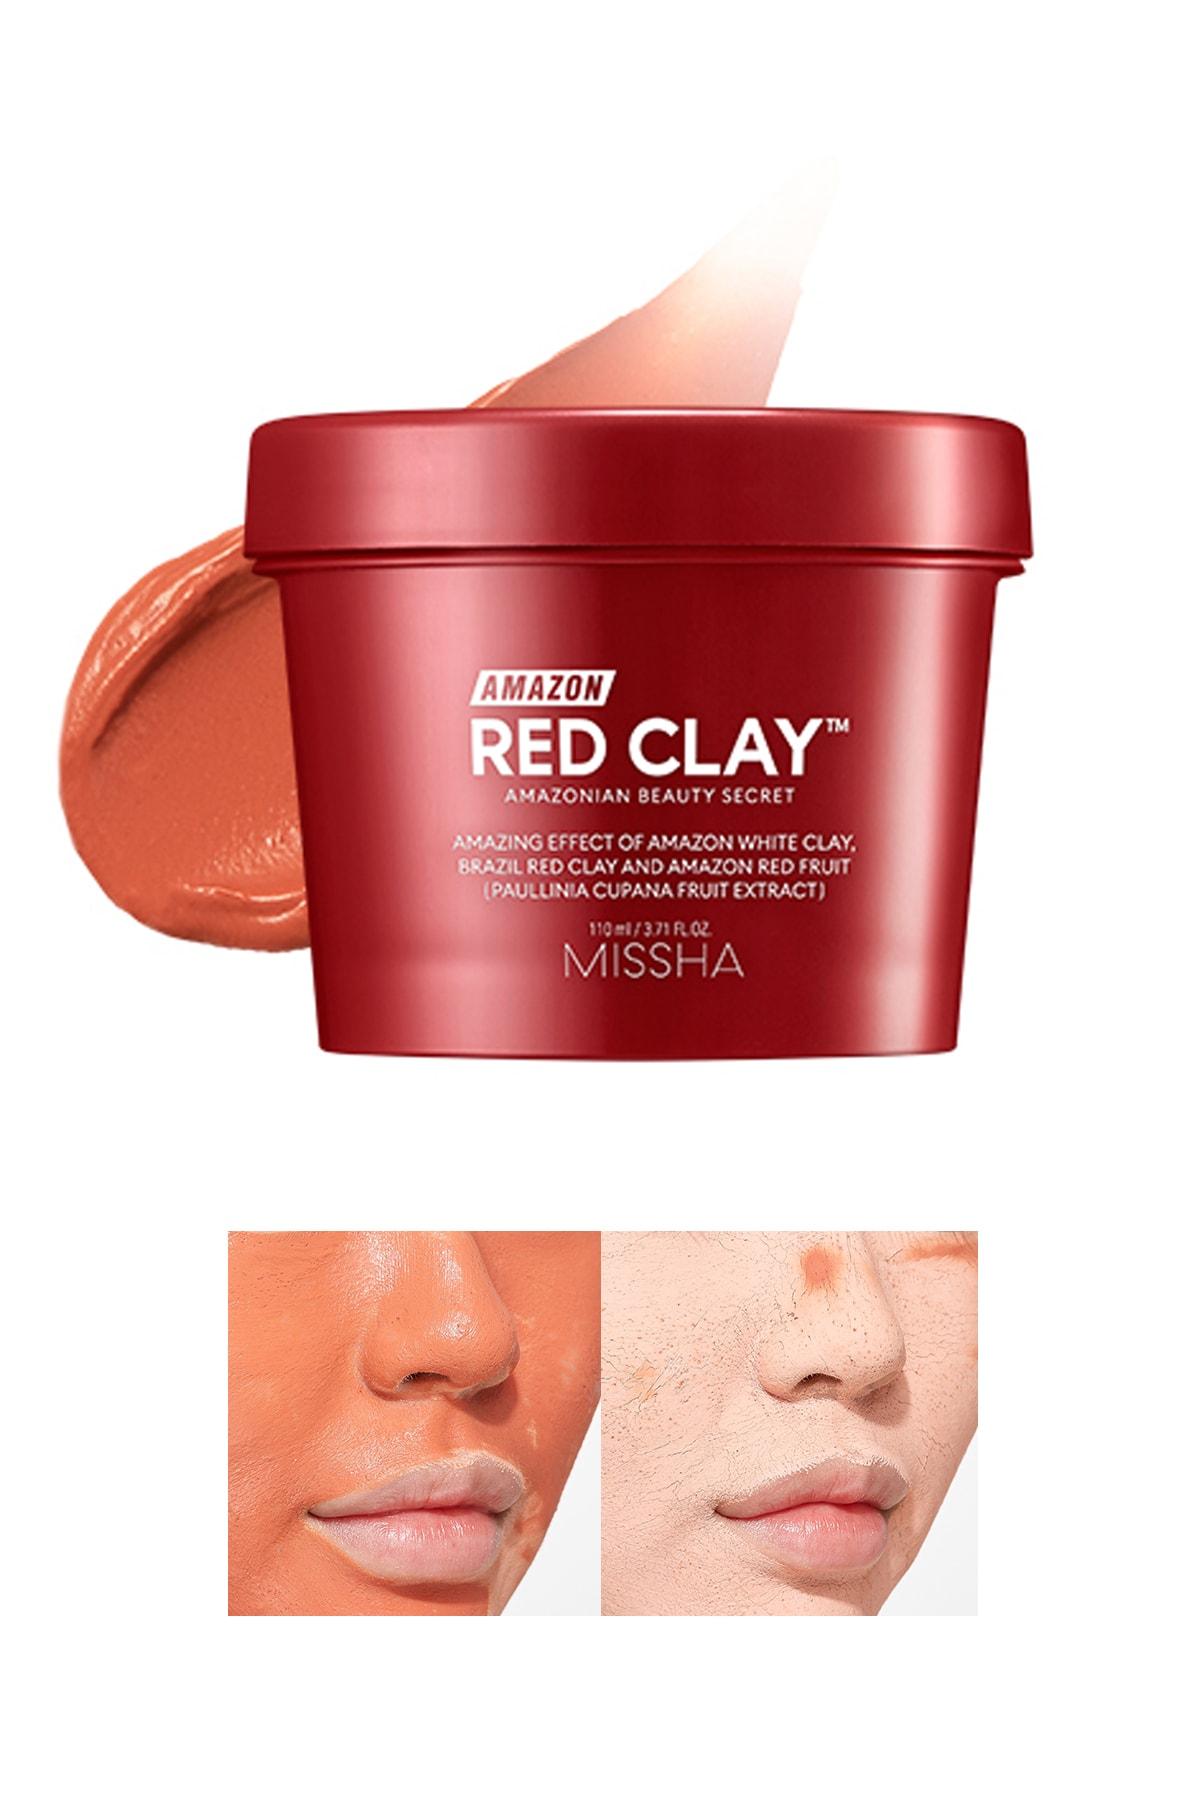 Missha Gözenekli Ciltler İçin Amazon Kili Maskesi 110ML Amazon Red Clay Pore Mask